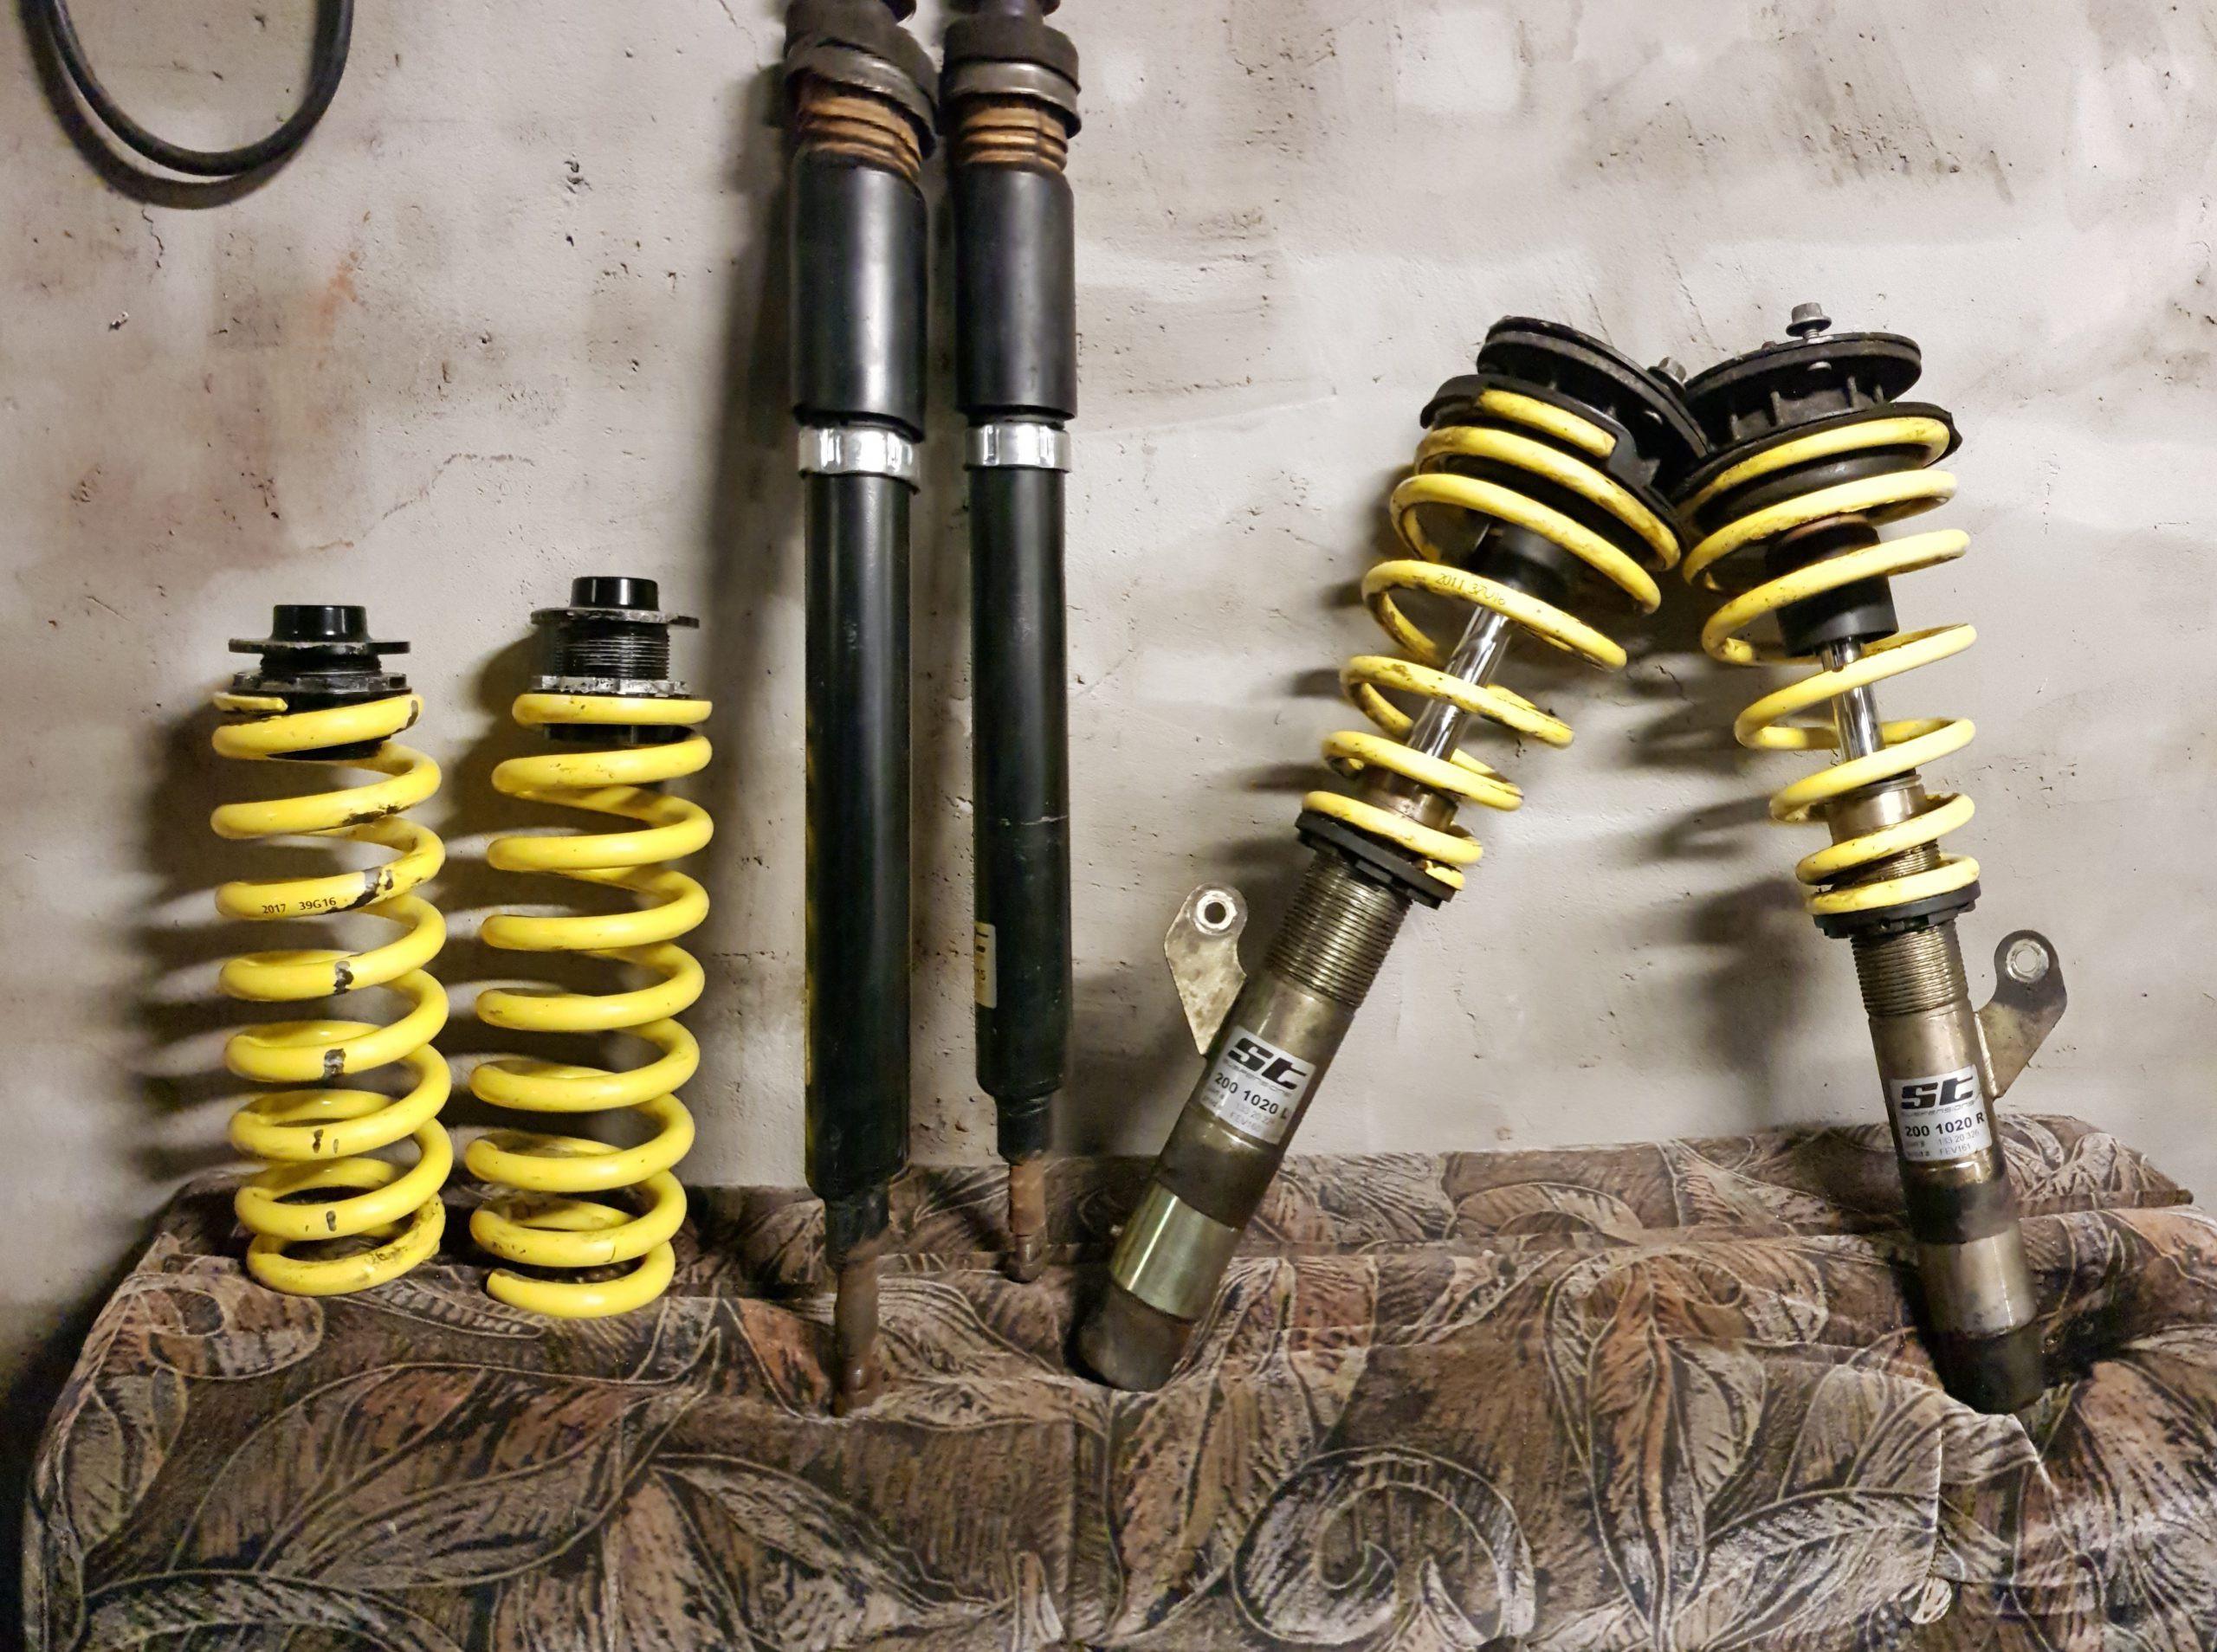 St suspensions coilai